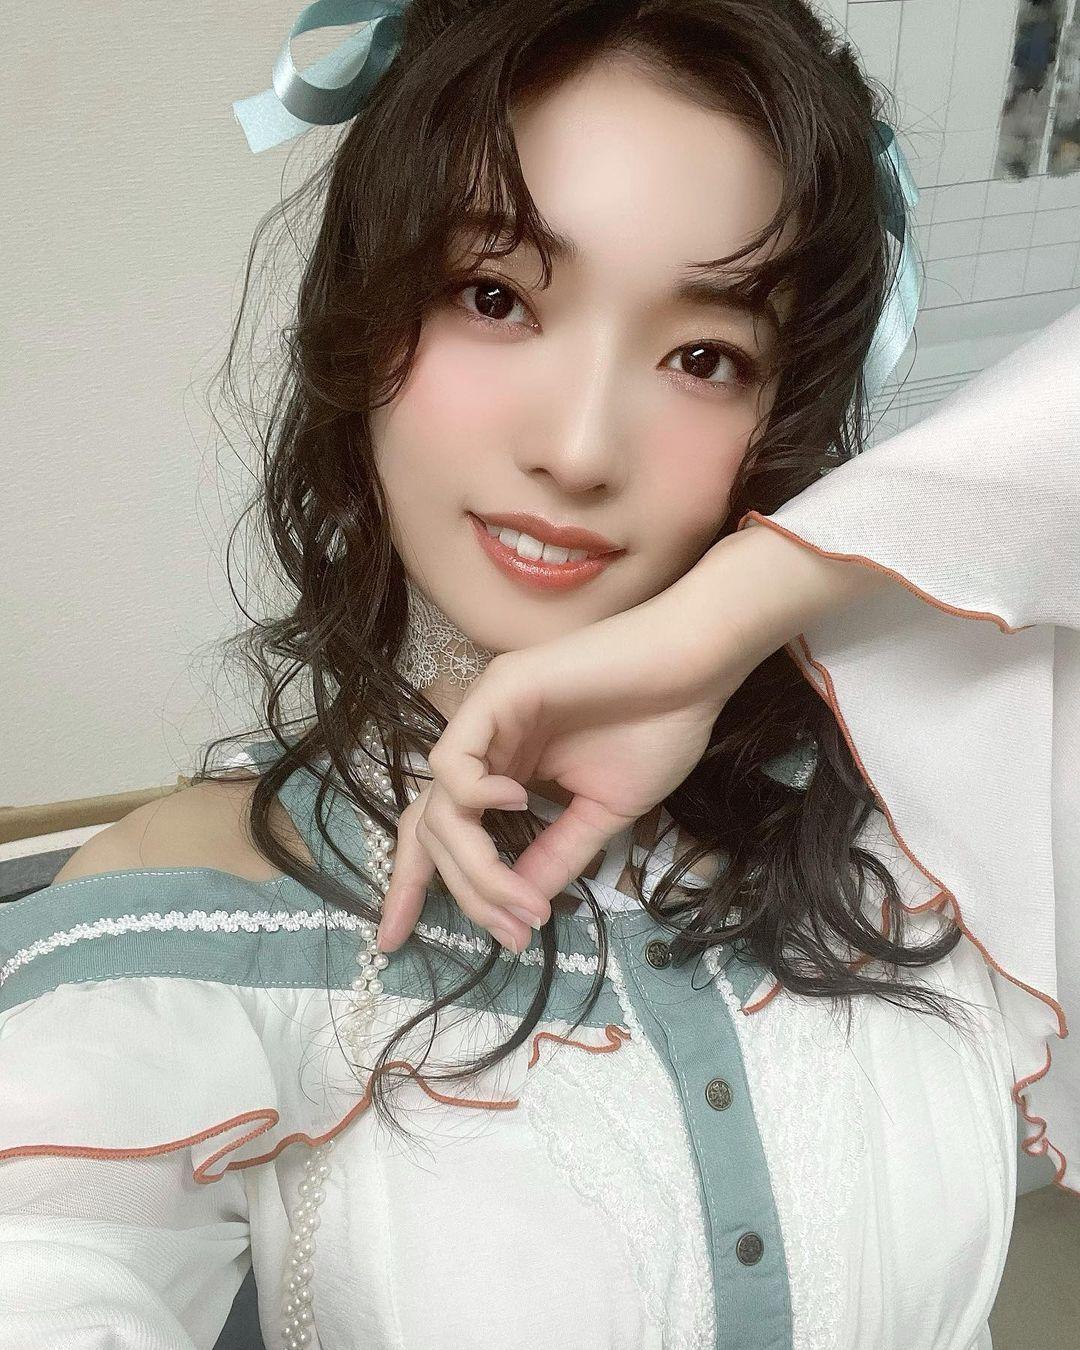 甜美美少女《樱田爱音》,一堆日本绅士对她毫无办法-新图包